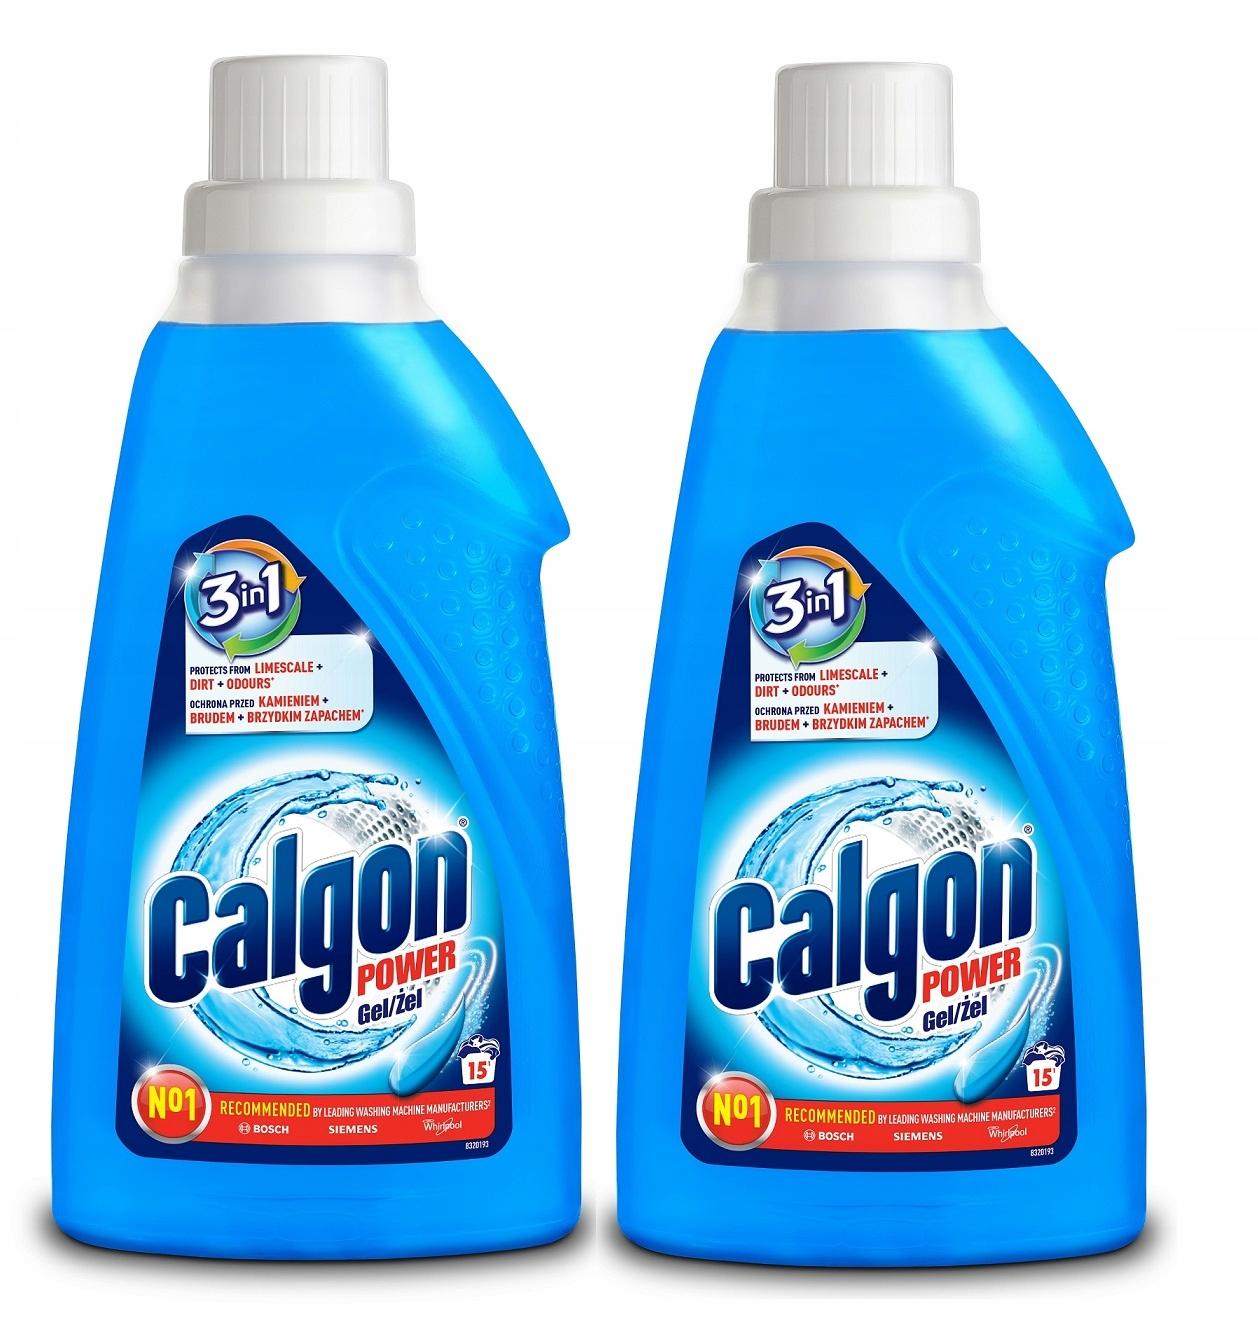 Calgon 2в1 Средство для удаления накипи Стиральной машины 1,5 литра